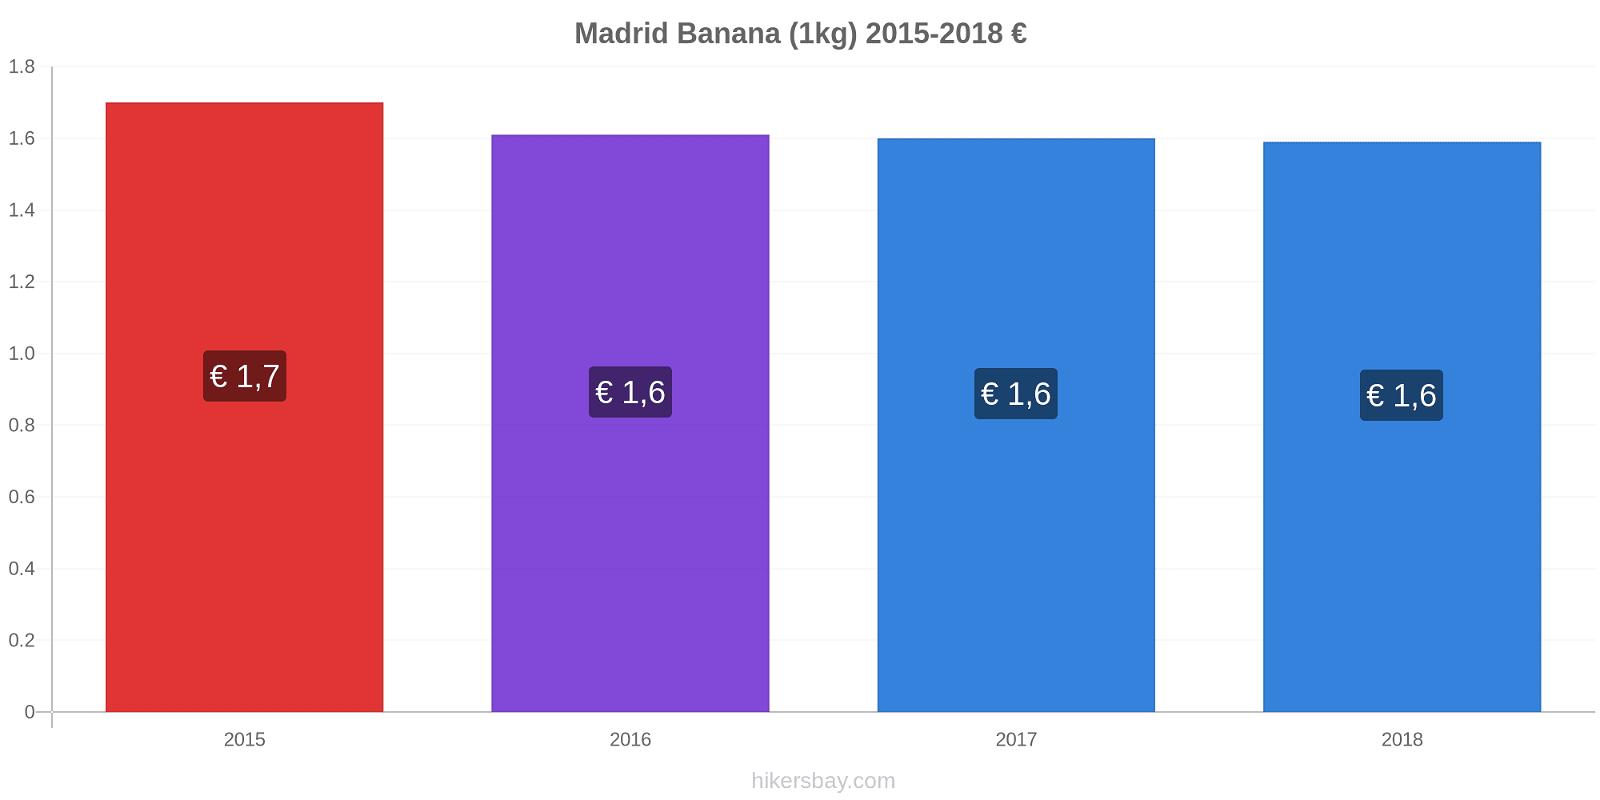 Madrid variação de preço Banana (1kg) hikersbay.com